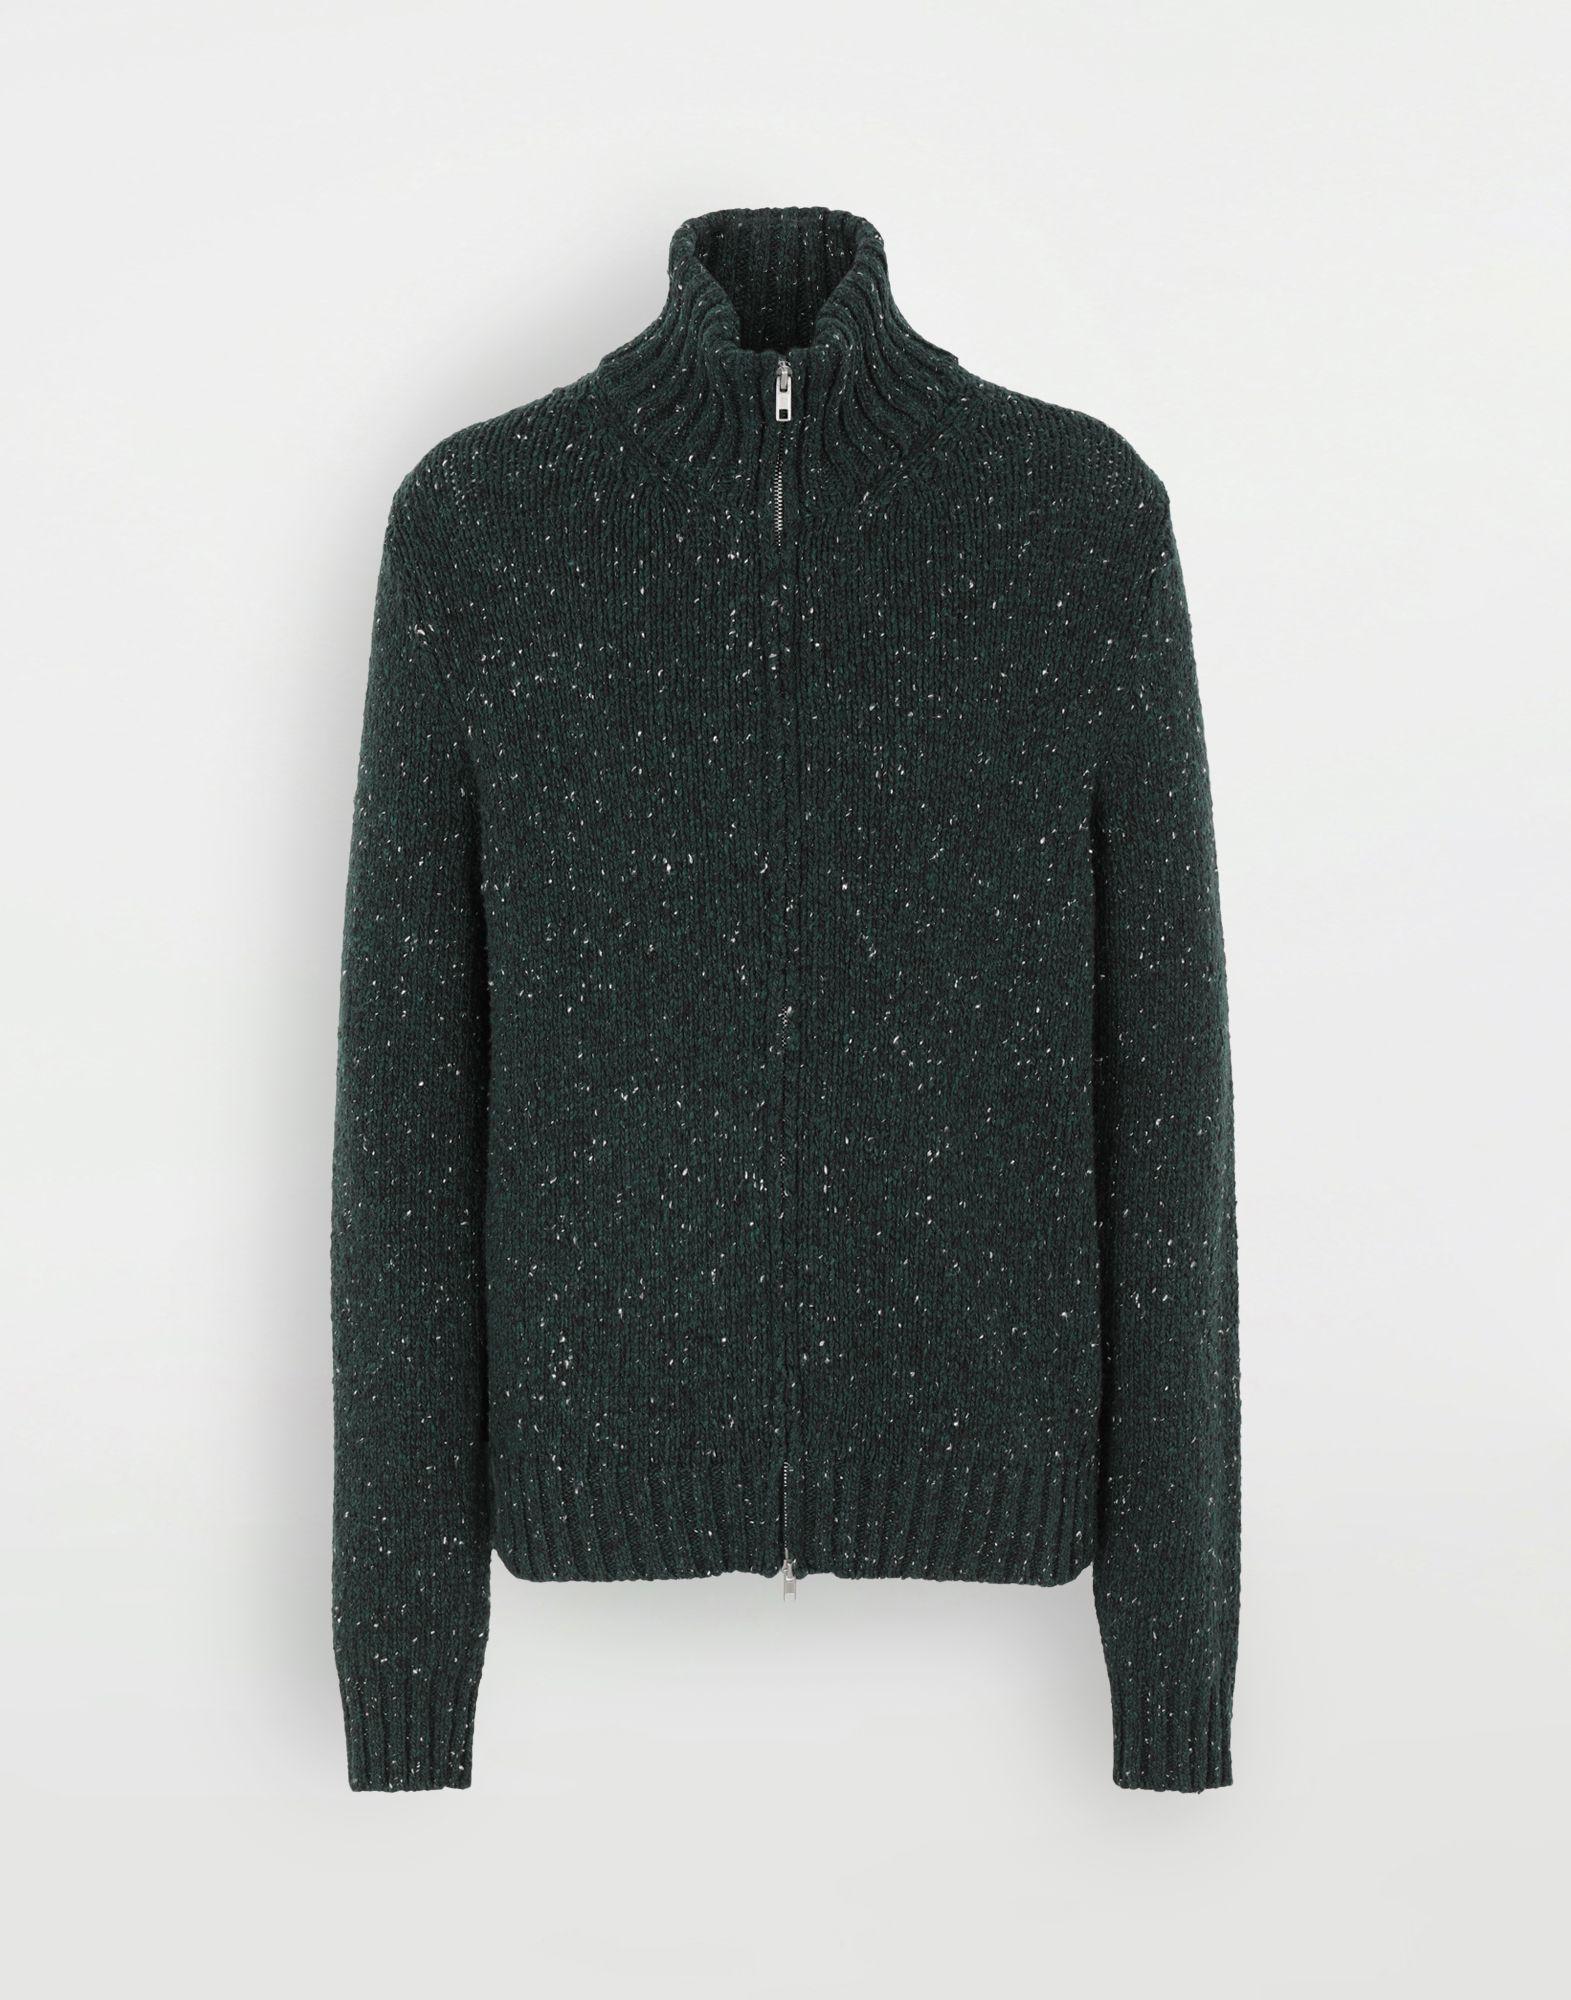 MAISON MARGIELA Pullover mit Reißverschluss Strickjacke Herren f